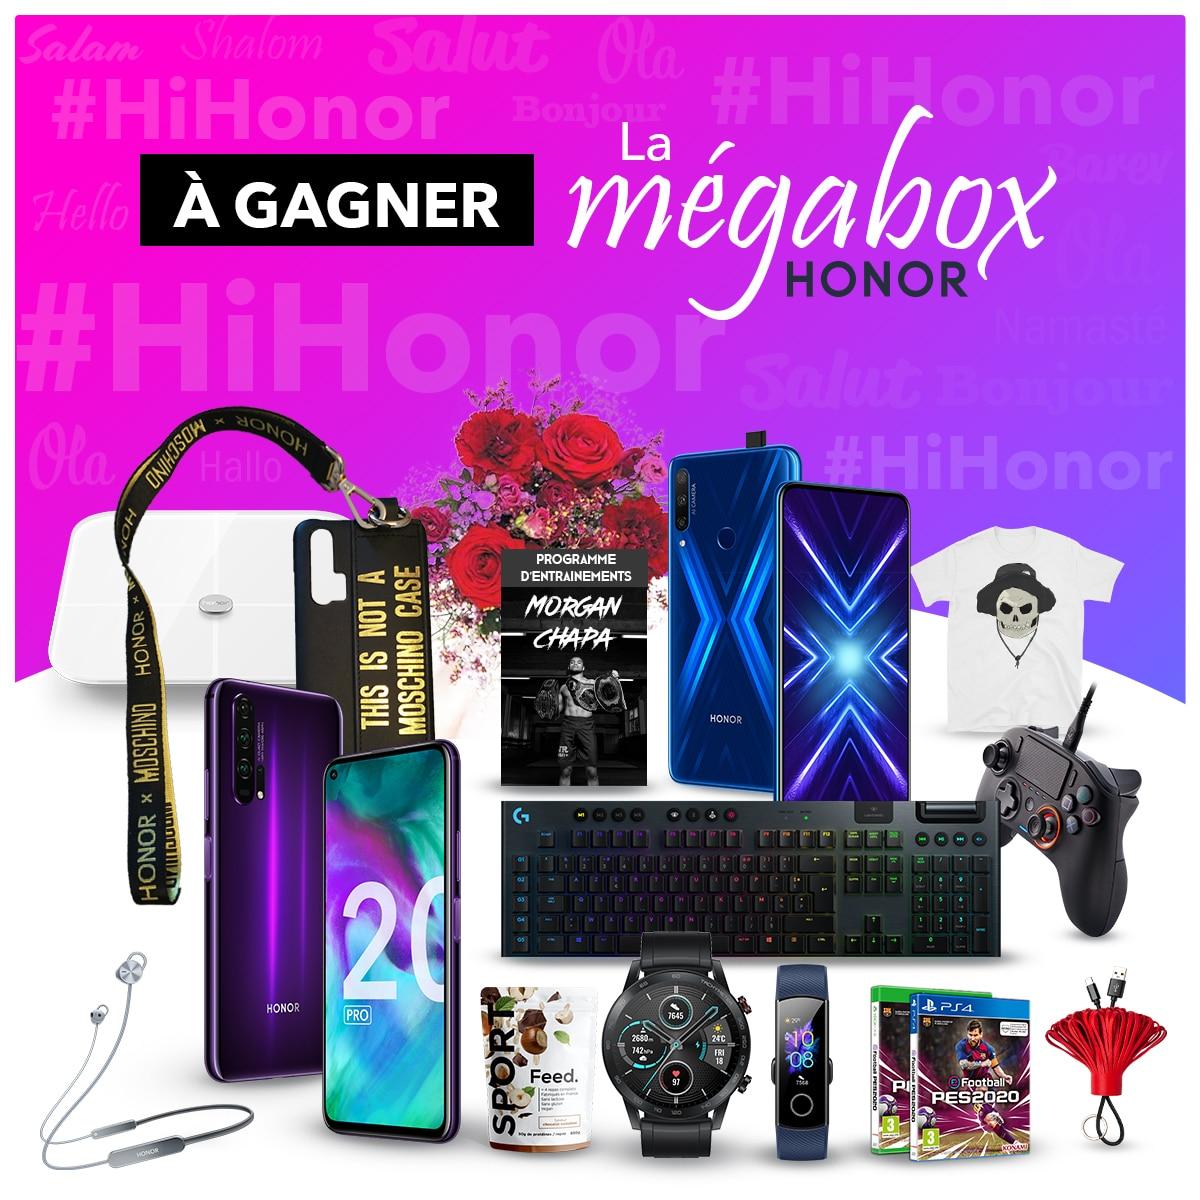 Pour le lancement de #HIHONOR la MégaBox HONOR est à gagner ! 😱  Tentez de remporter tous les lots présents sur l'image 🎁  Pour participer :  🔄 RT & follow @Honor_FR  Retrouvez toutes nos offres sur ➡   Une personne sera tirée au sort le 21/02/2020 🍀